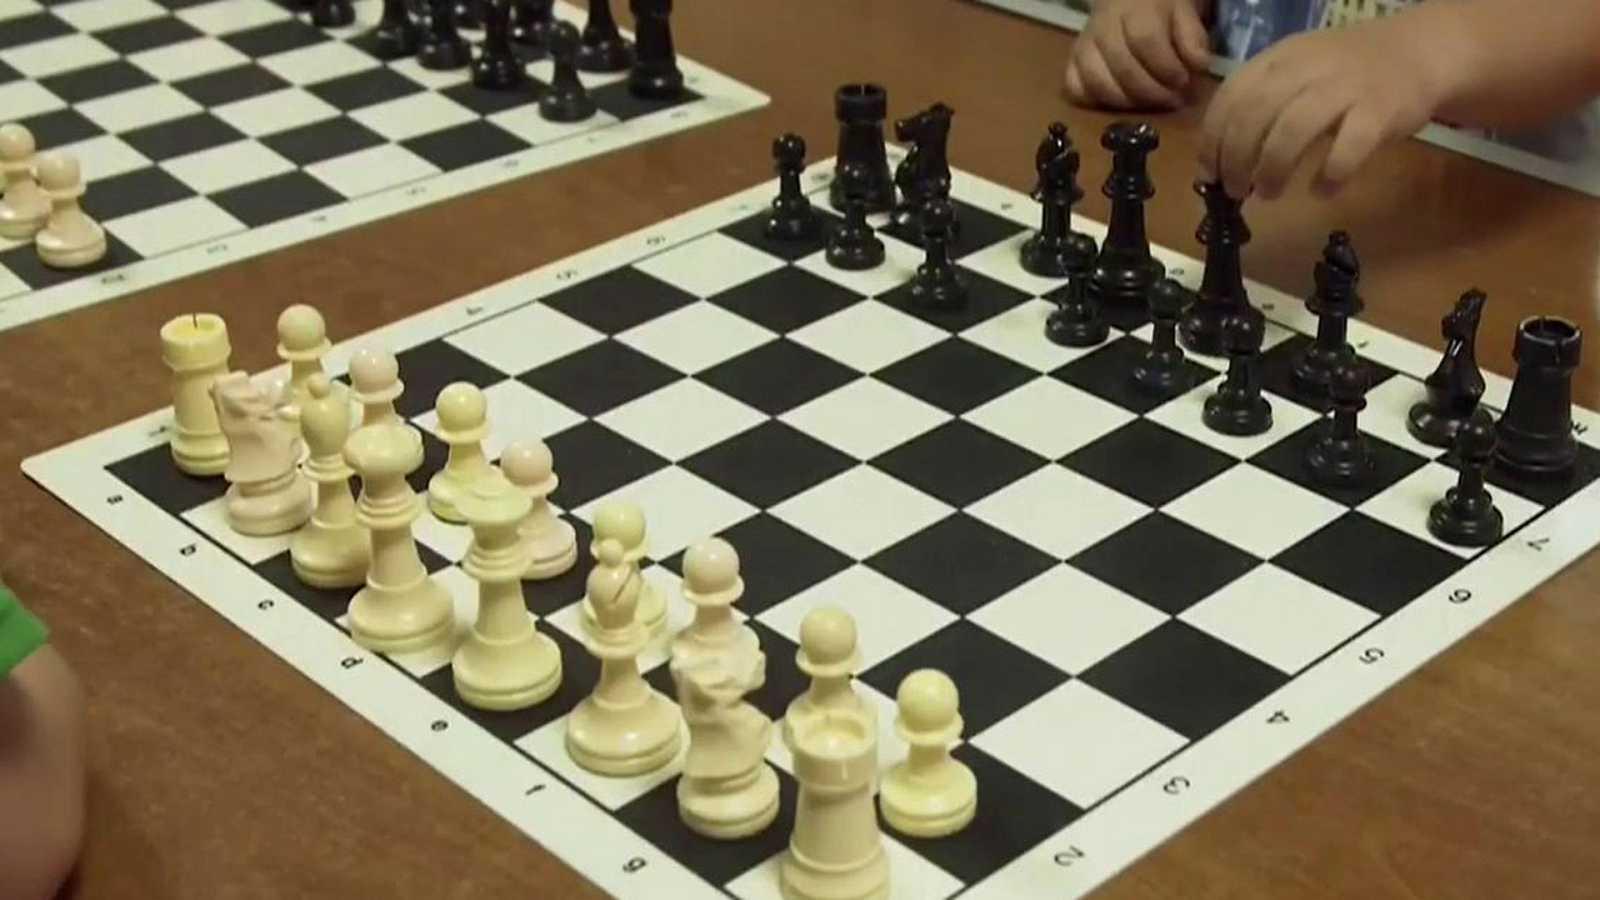 Jóvenes y deporte - Ajedrez - Mérida: Club Ajedrez Magic Extremadura - ver ahora